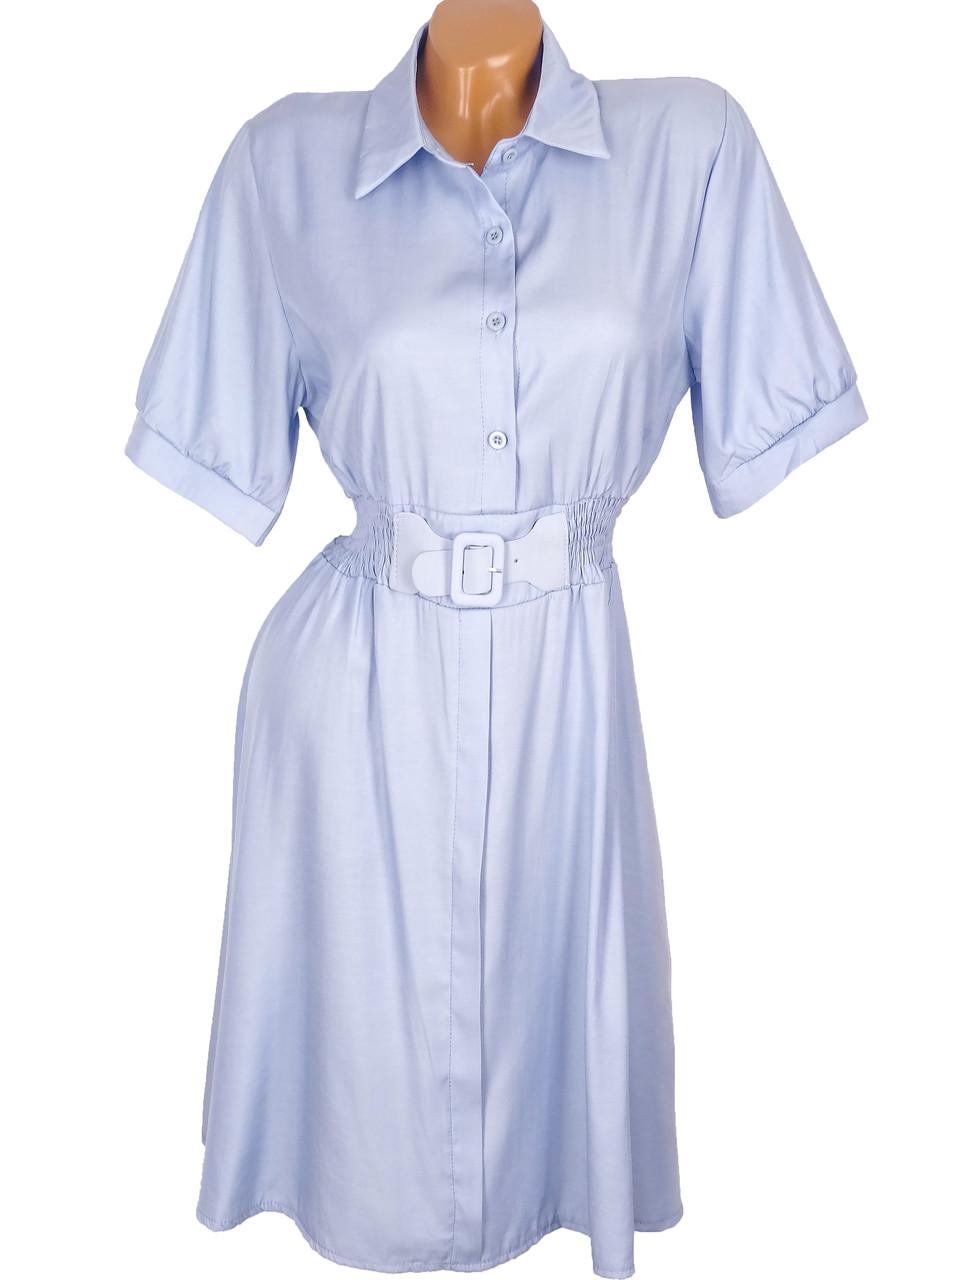 Модне плаття сорочкового стилю 44-46 (в кольорах)